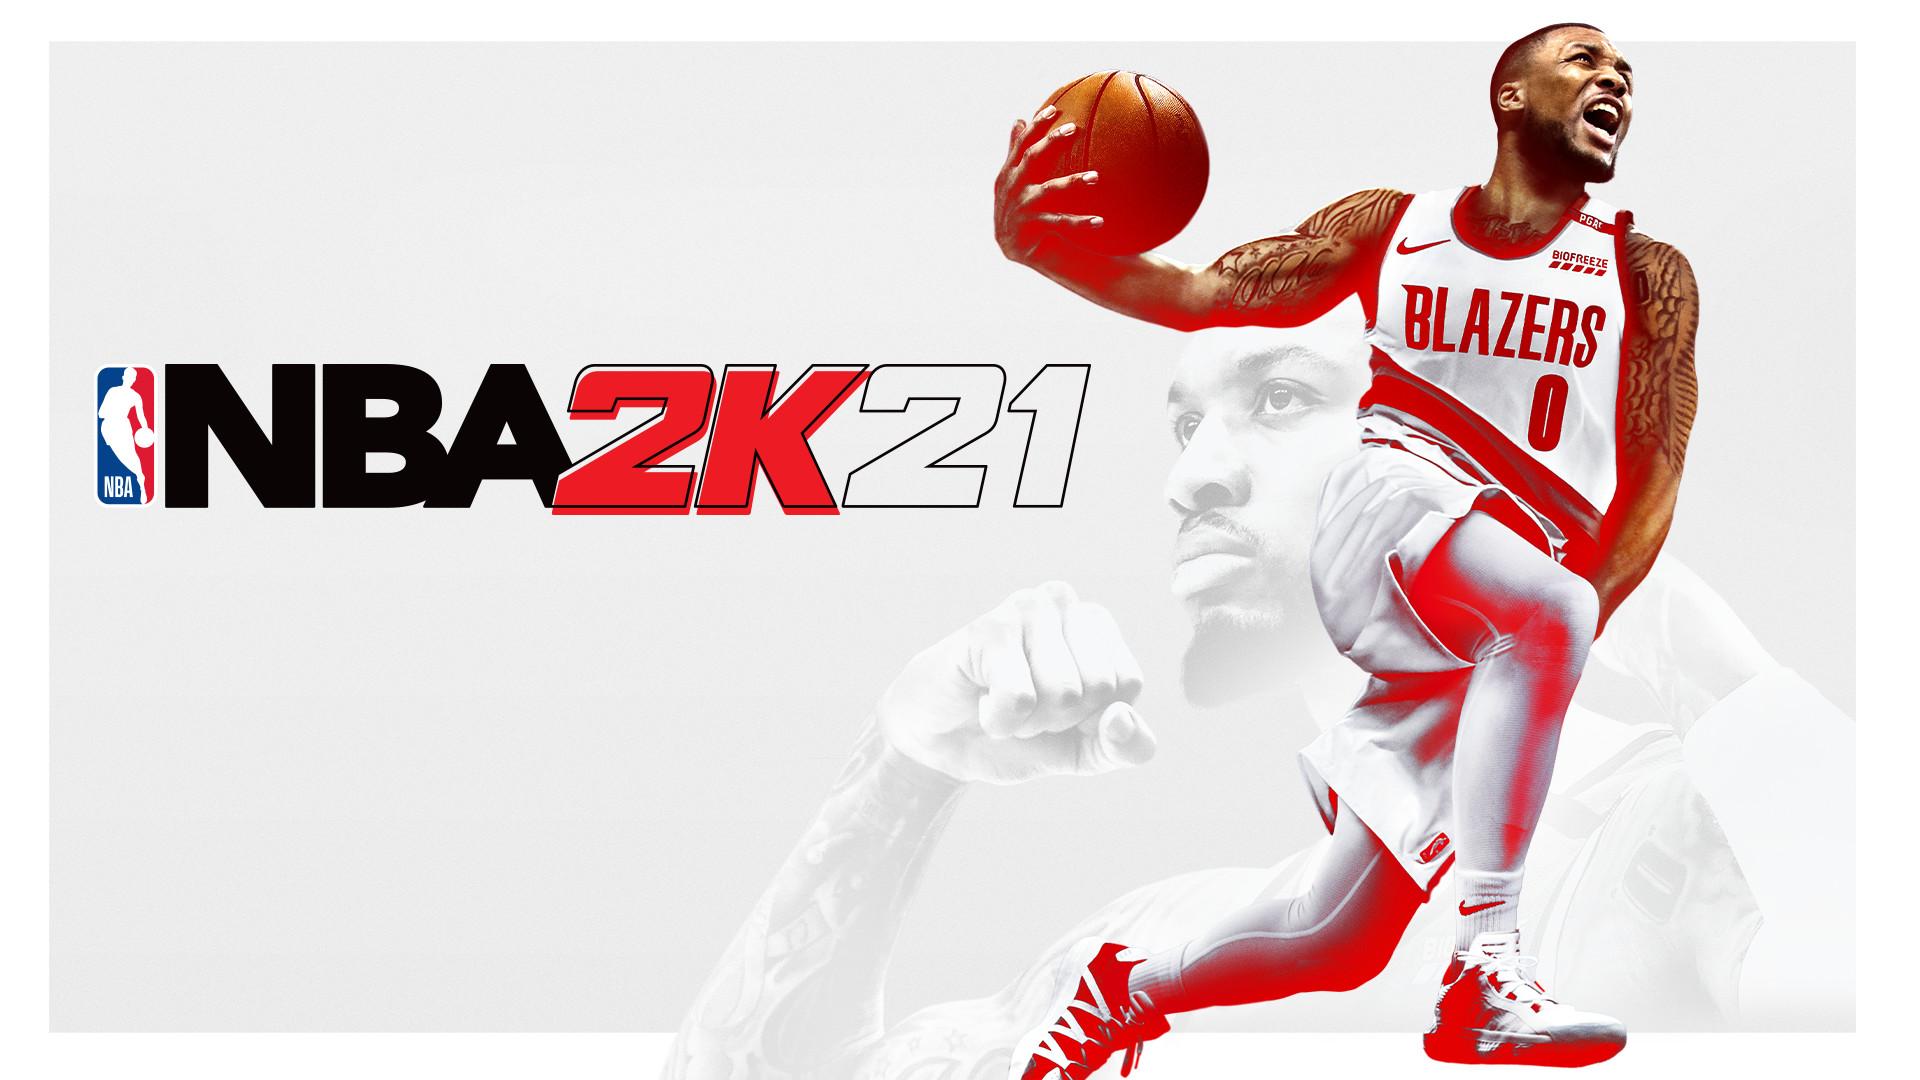 NBA 2K21 (Free PC Game)